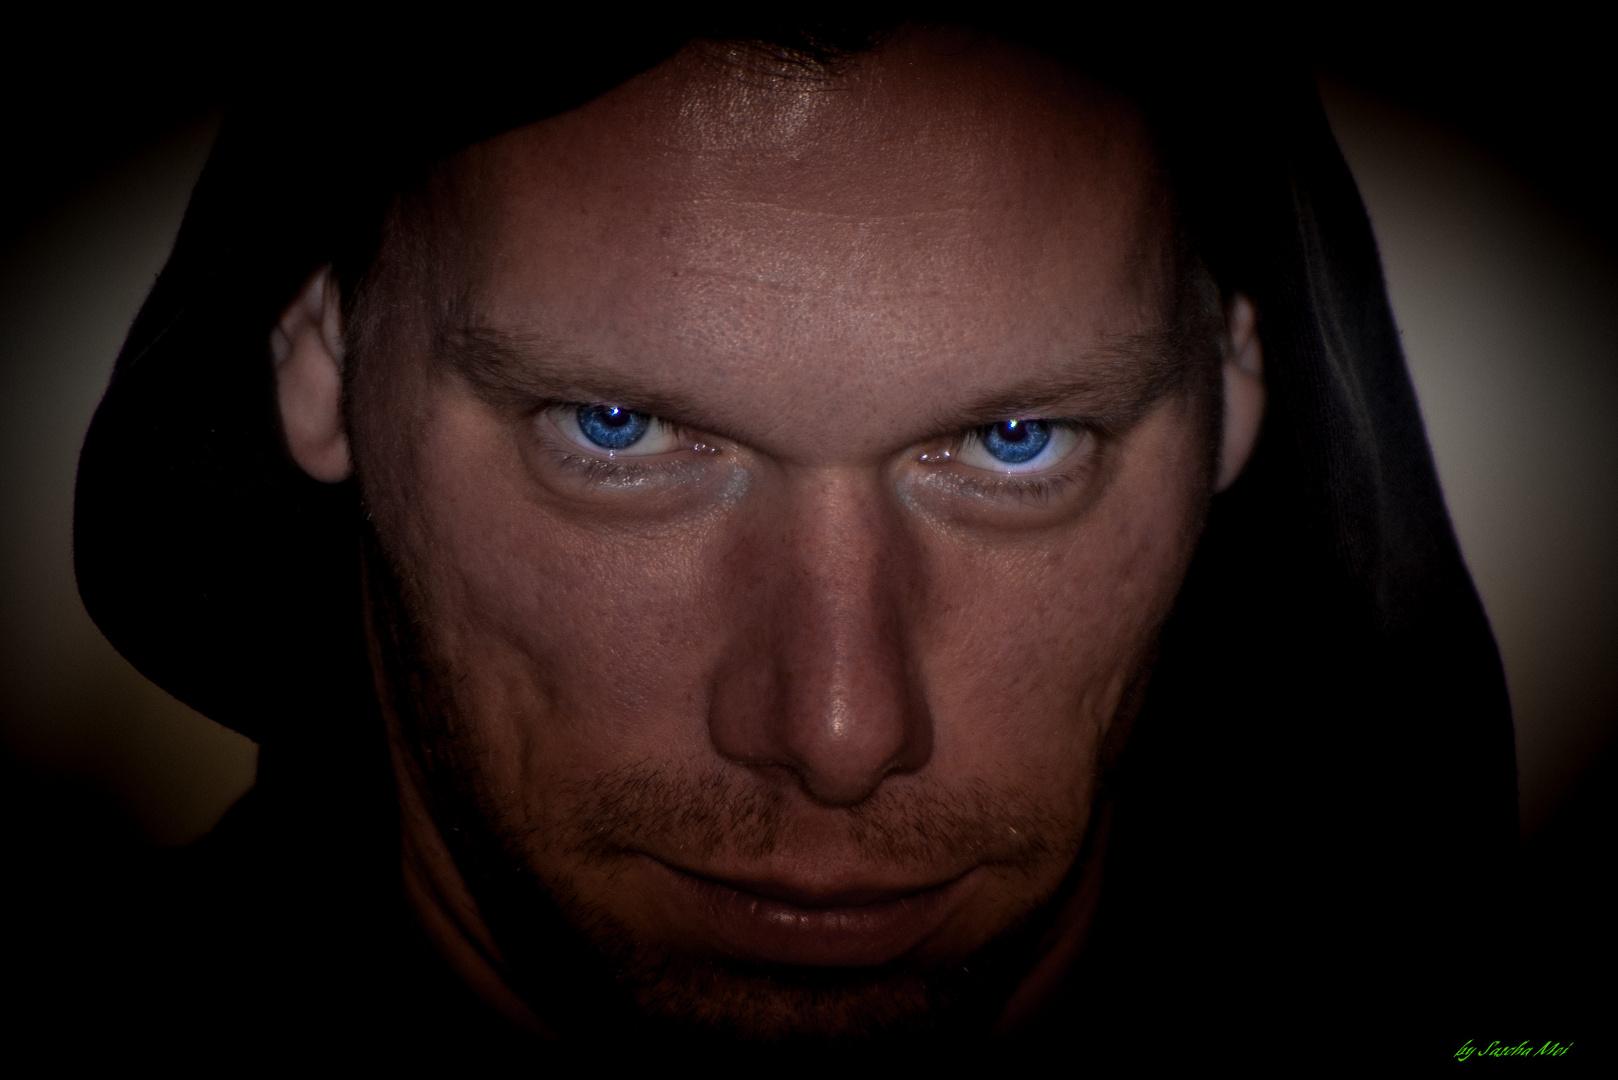 Der böse Blick ;-)